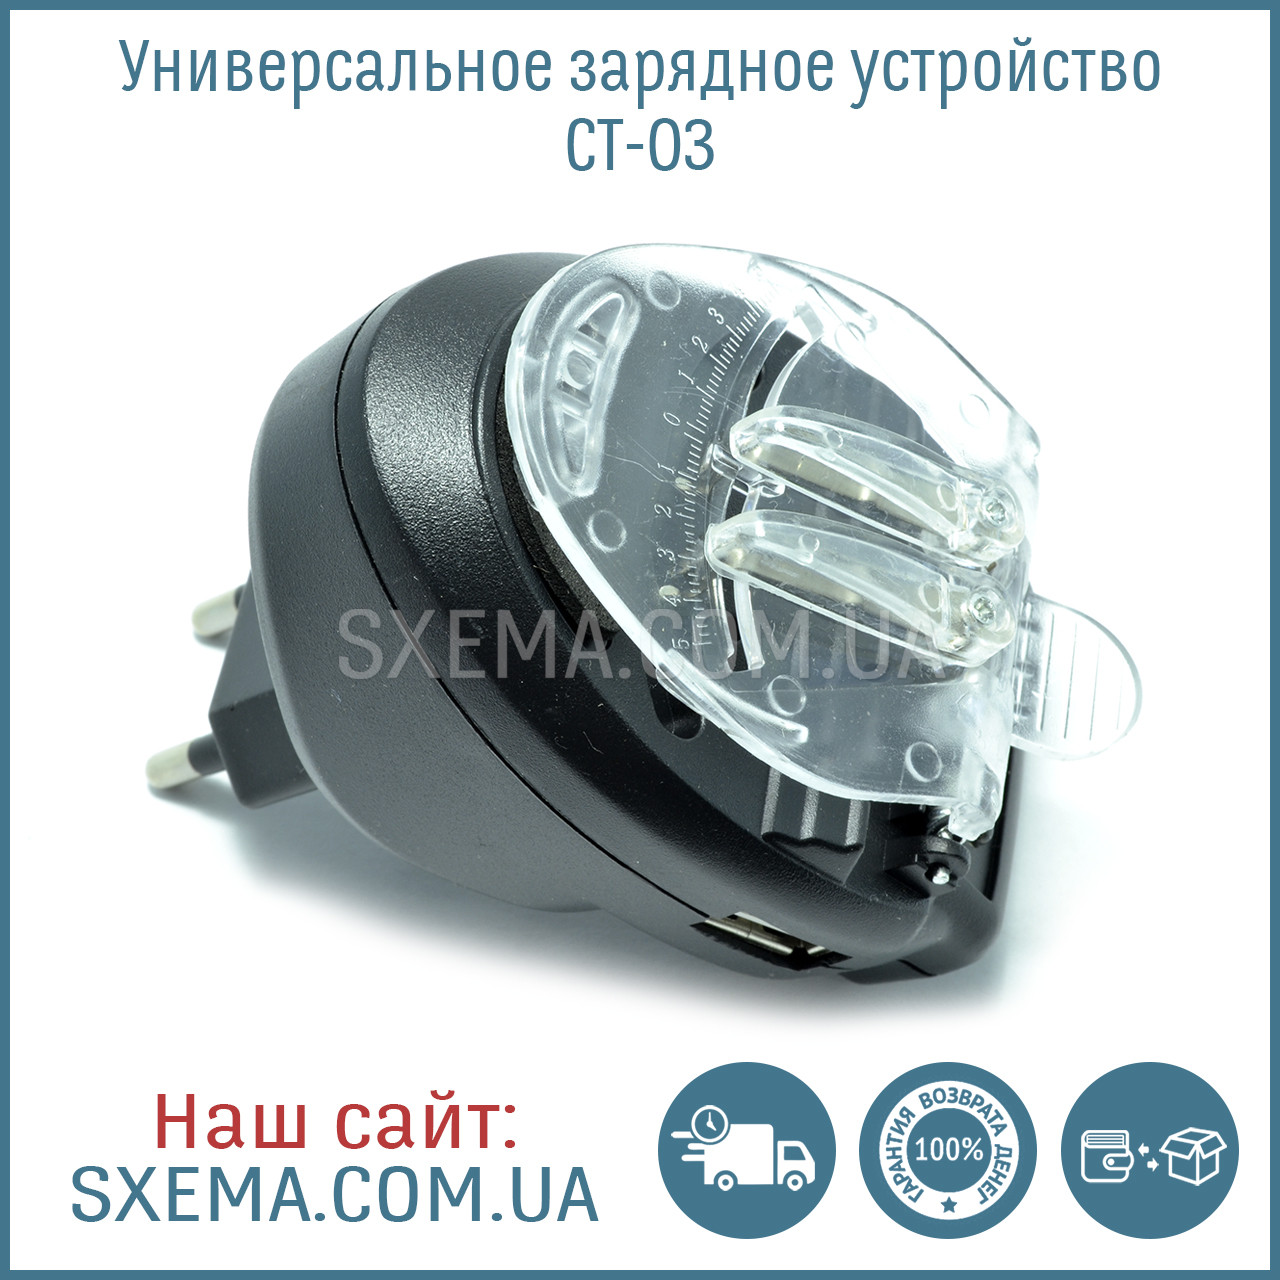 Универсальное зарядное устройство CT-03 (жабка)